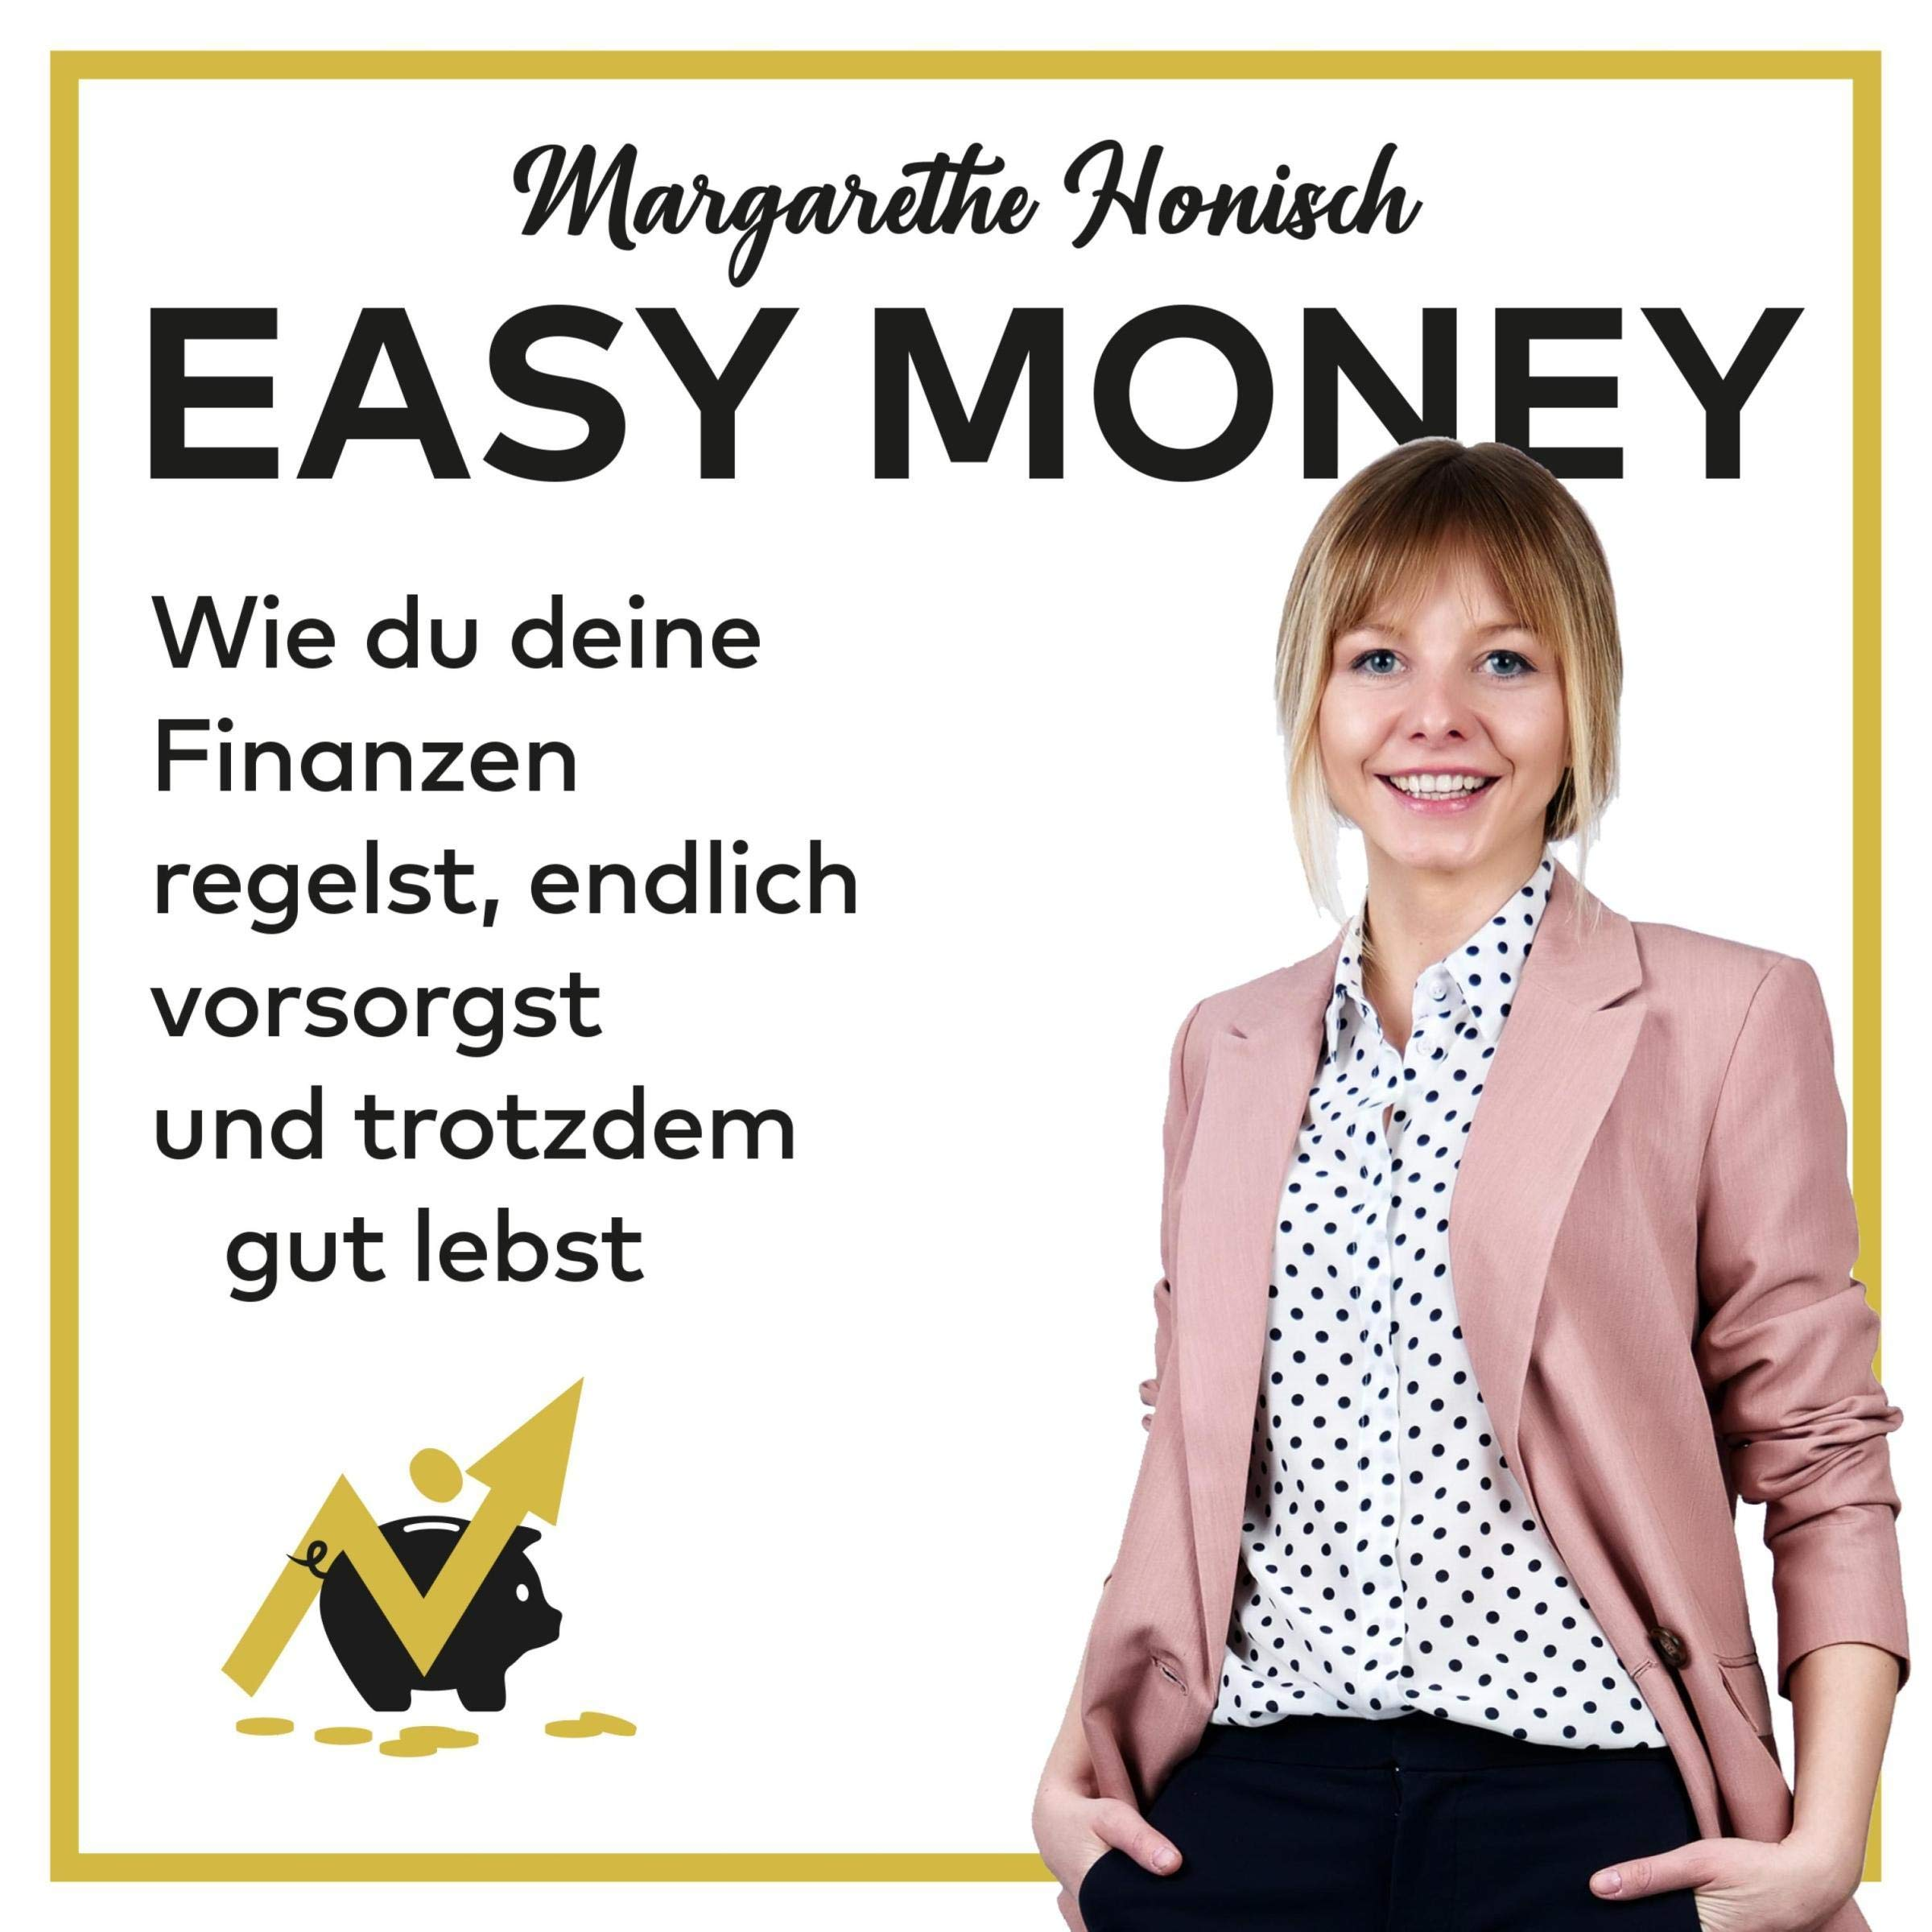 Easy Money: Wie du deine Finanzen regelst endlich vorsorgst und trotzdem gut lebst